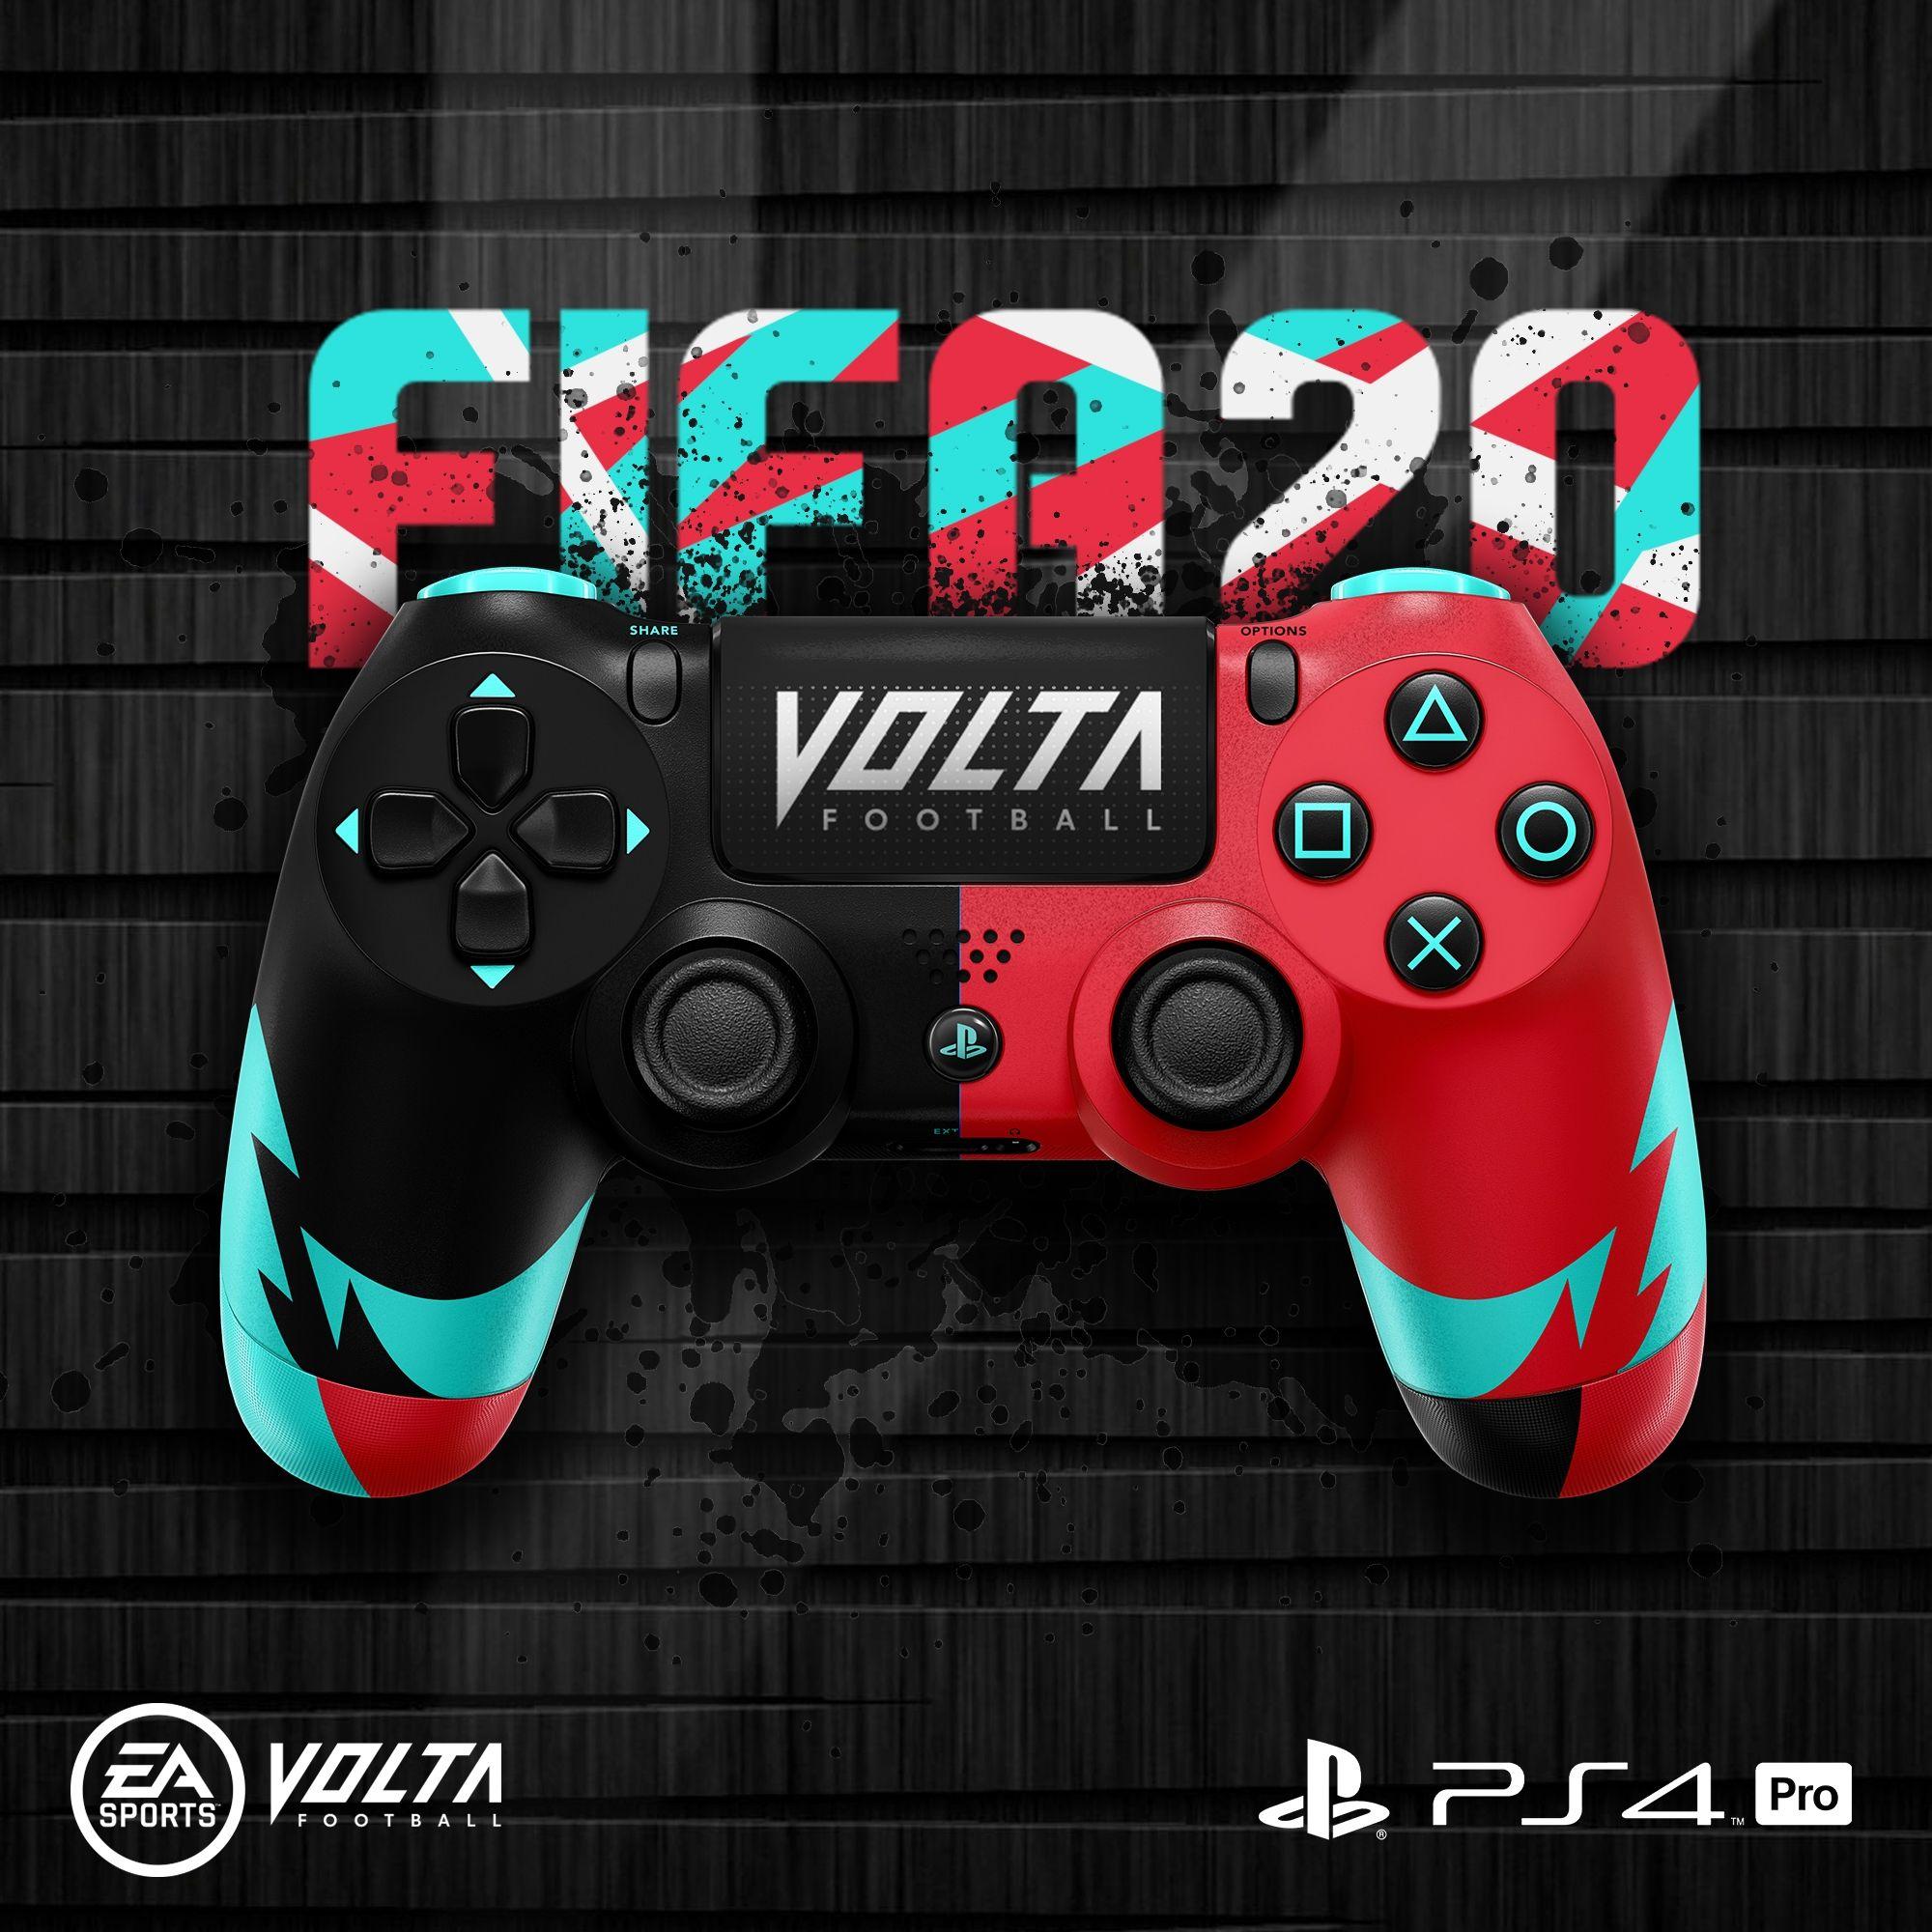 Created A Dualshock 4 Controller Design Mock Up Fifa 20 Volta Football Logo Designer Graphic Inspirationa Em 2020 Esportes Futebol Ideias Para Sala De Jogos Fifa